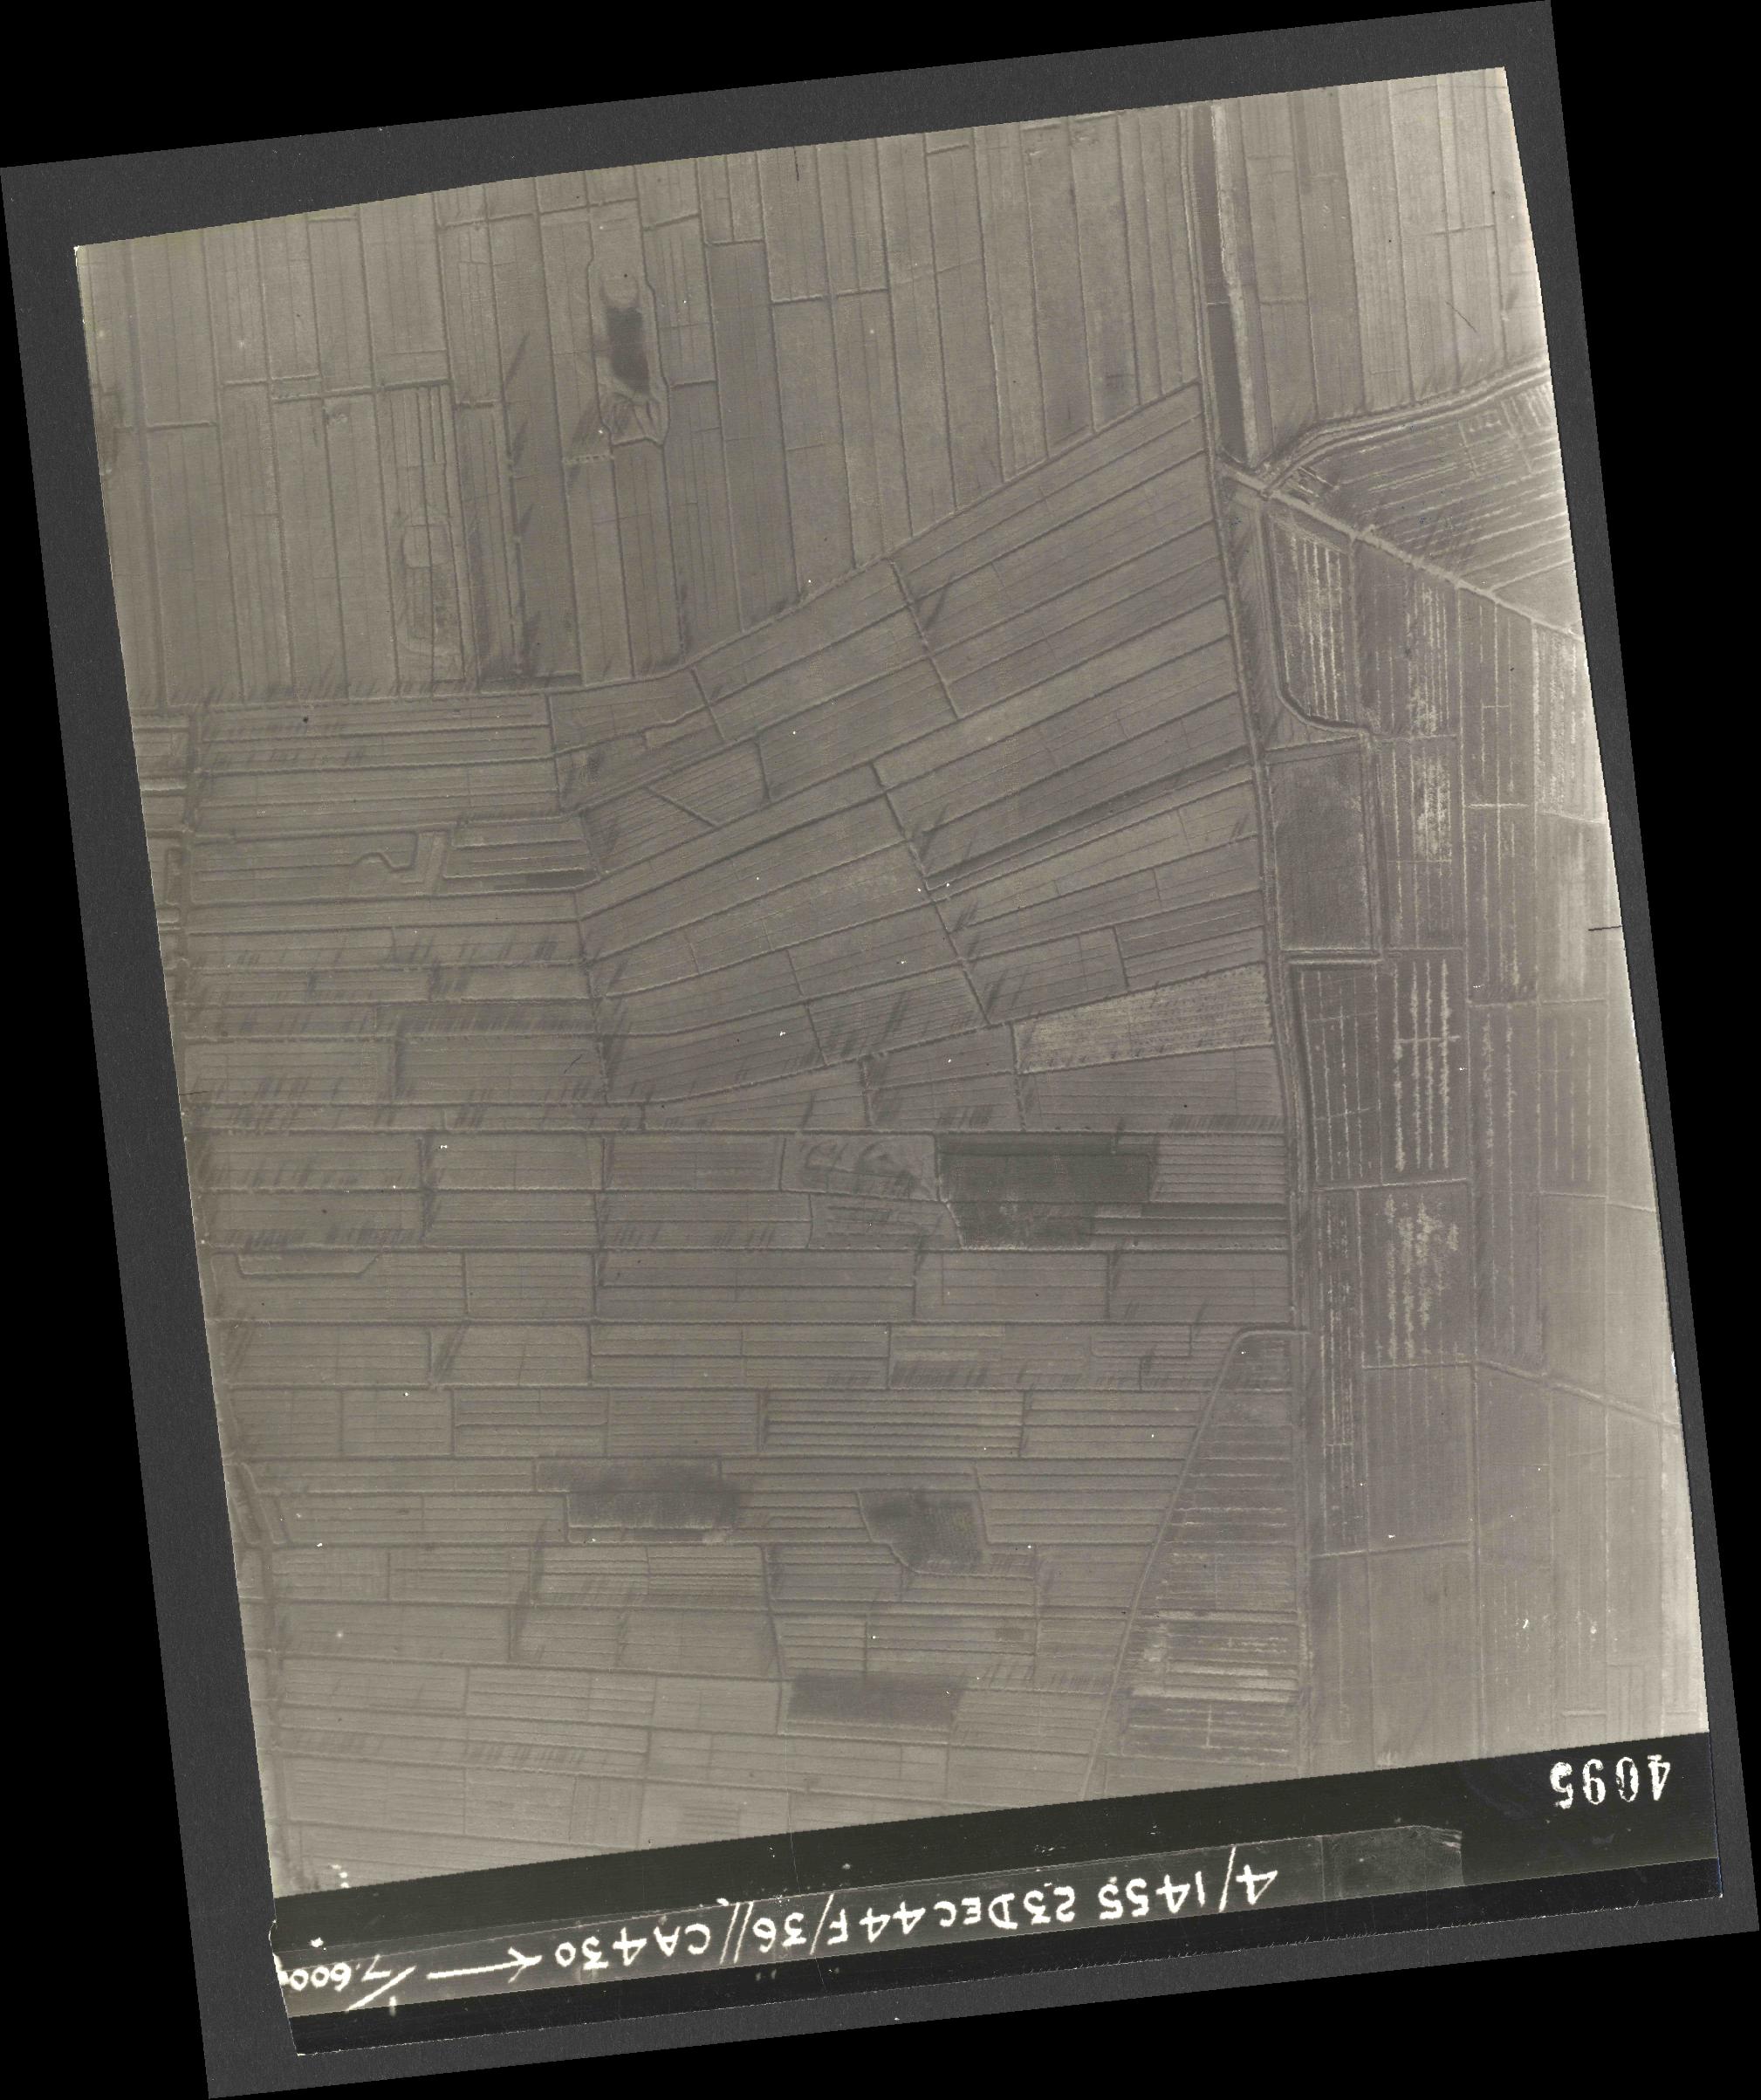 Collection RAF aerial photos 1940-1945 - flight 051, run 06, photo 4095